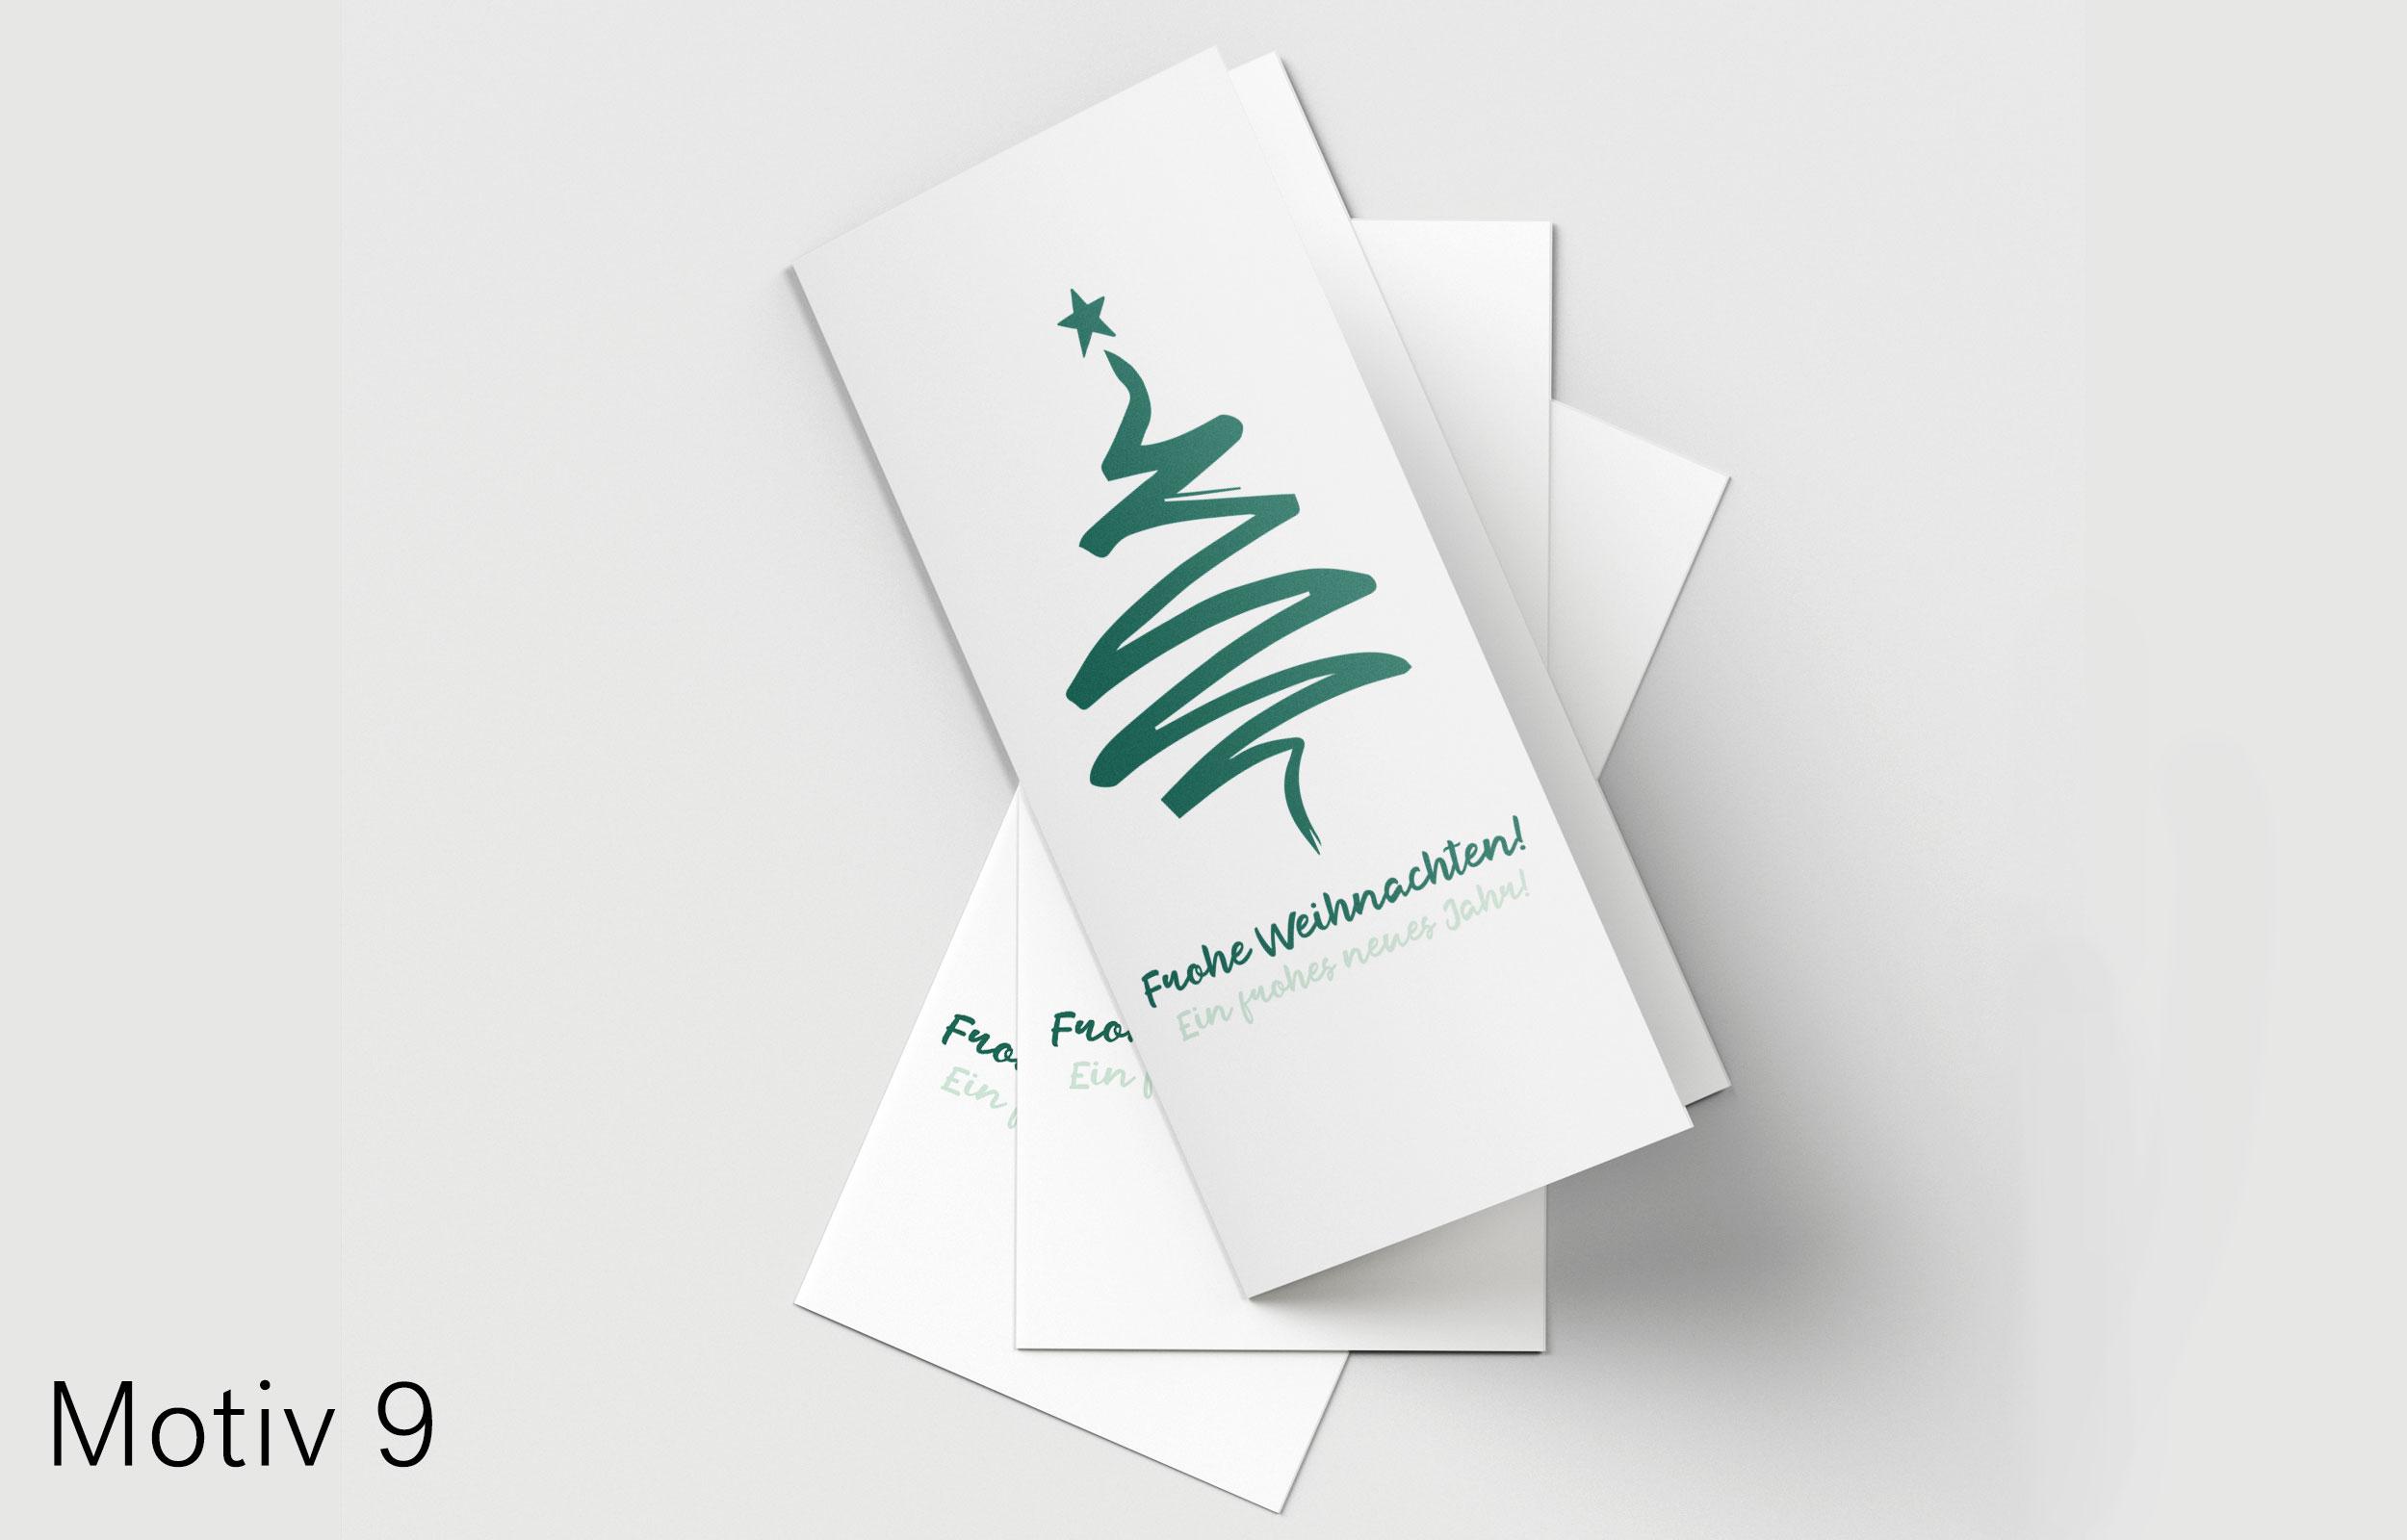 Weihnachtskarten Mit Firmenlogo.Weihnachten Onelio Werbeagentur